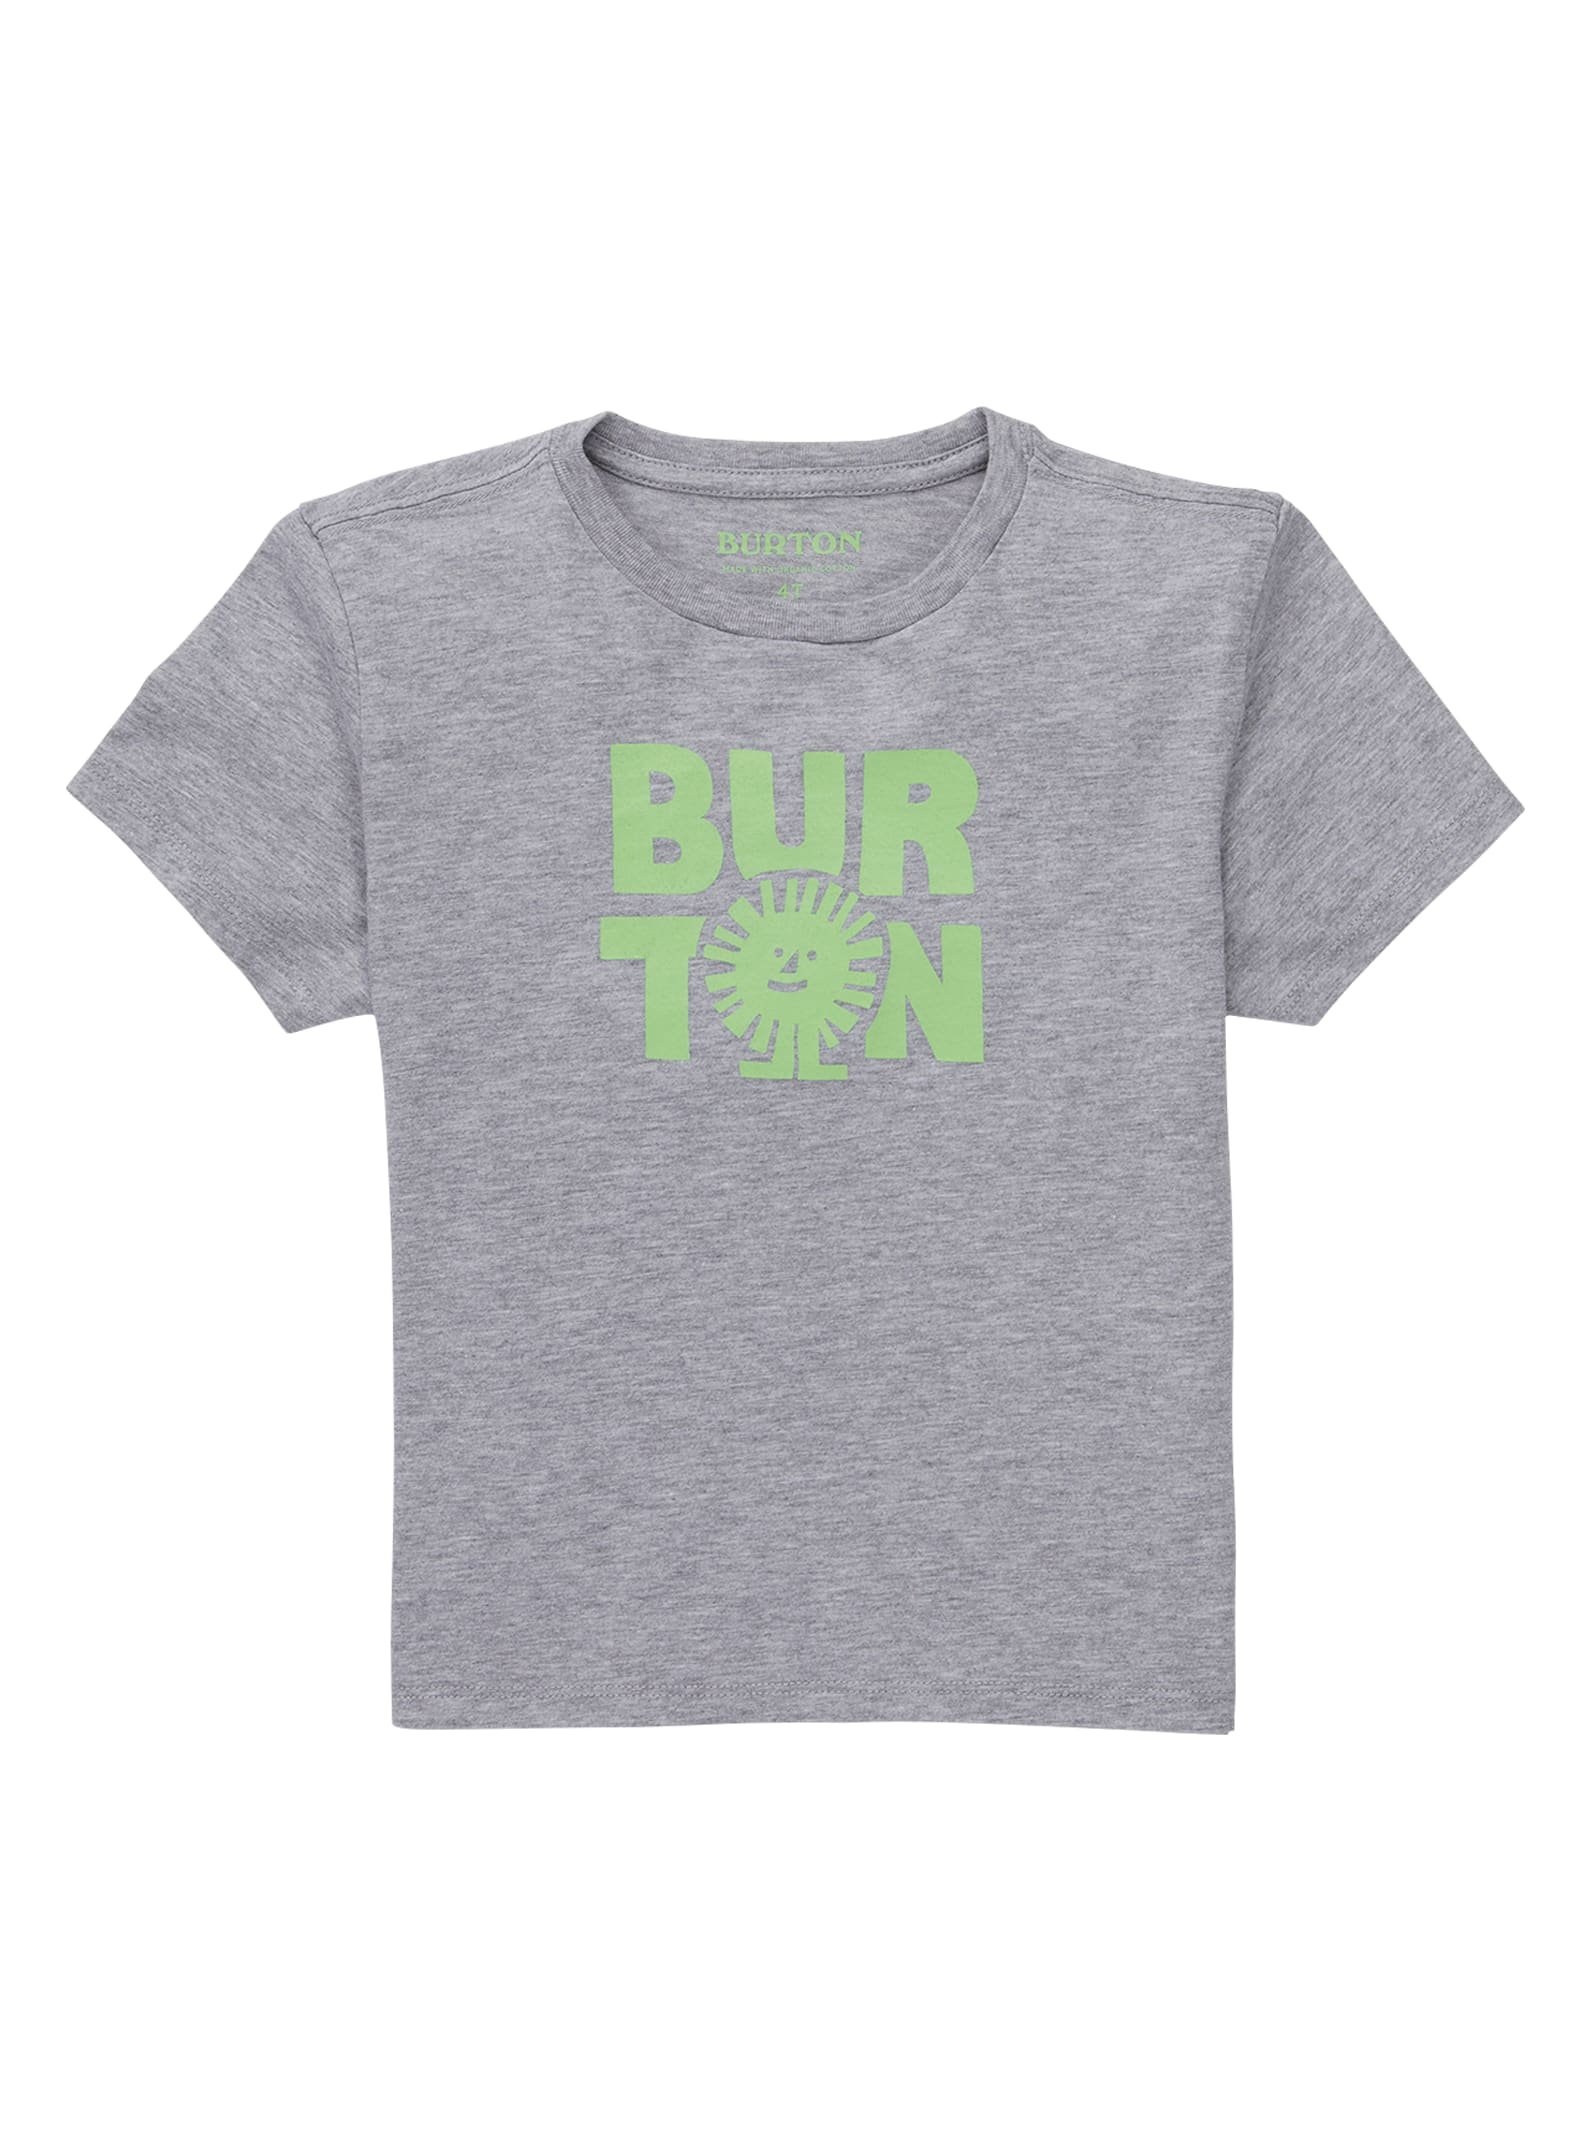 Burton kortärmad t-shirt för småbarn, 3T